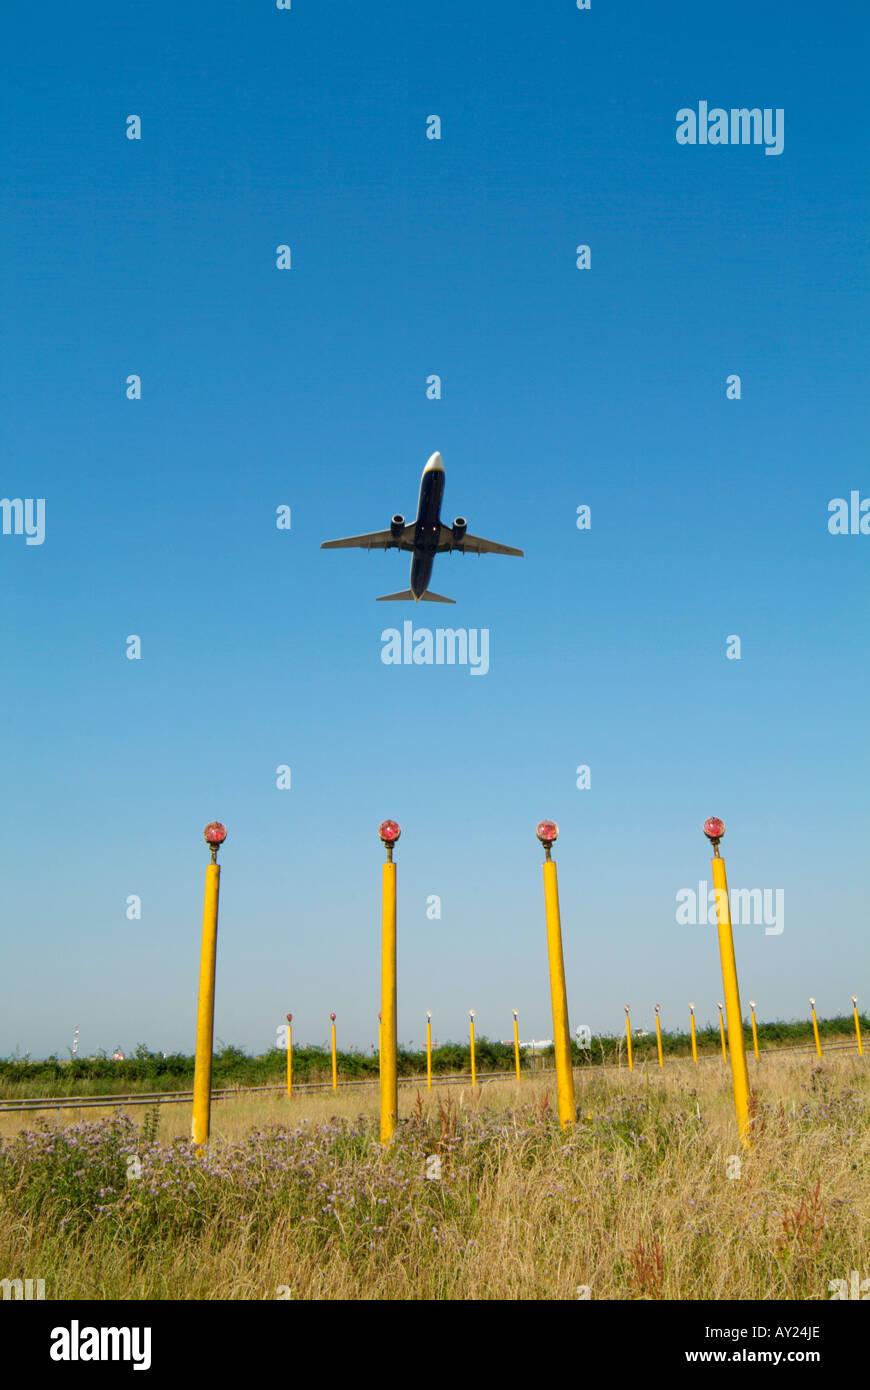 John Lennon las luces de aterrizaje con pasajero avión despegando sobrecarga. Foto de stock